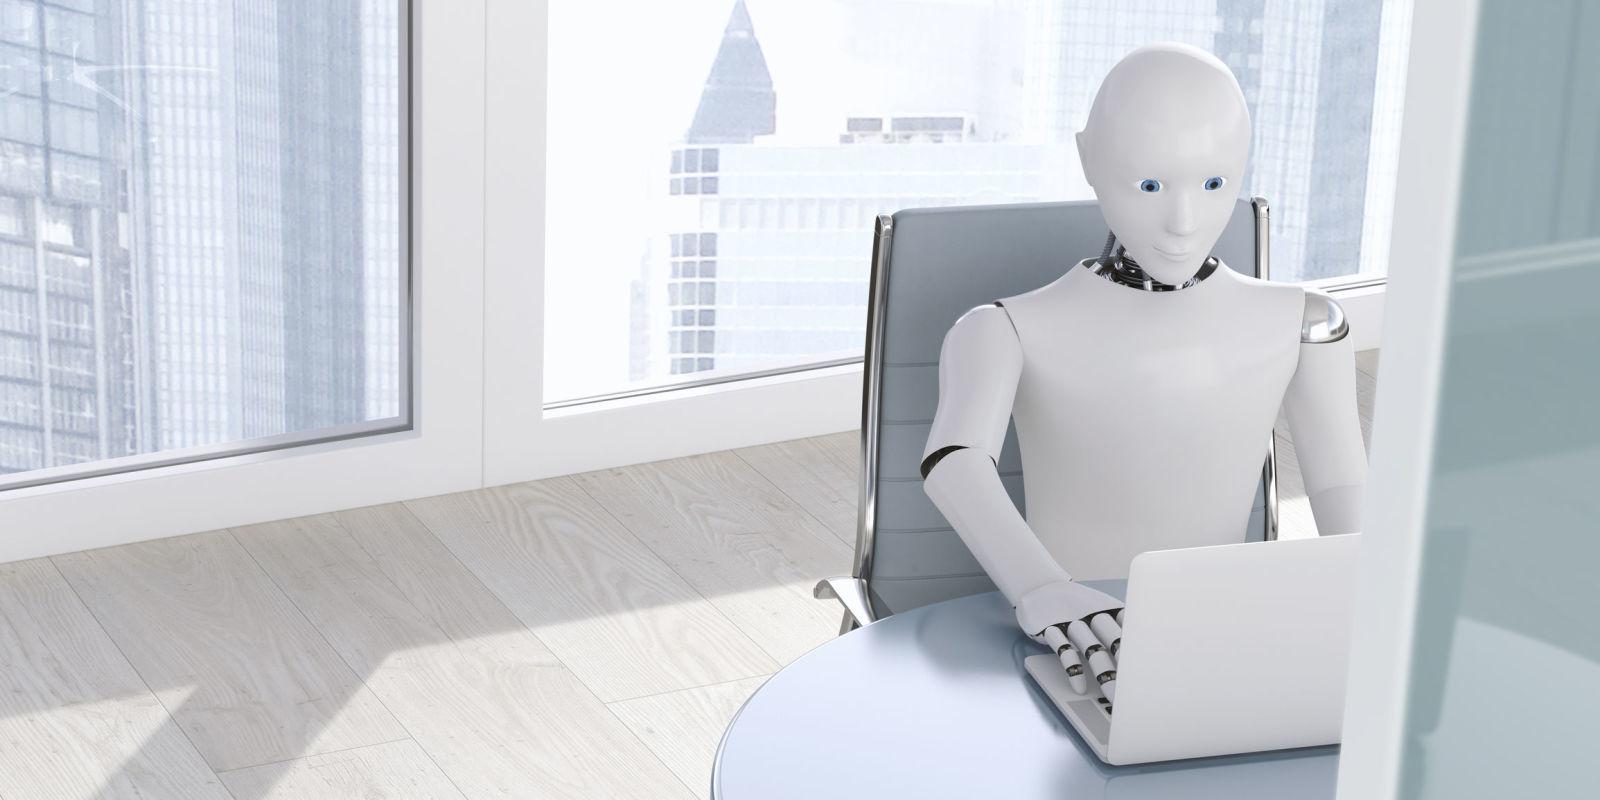 Власть народу: как использовать ИИ для решения человеческих проблем - 9